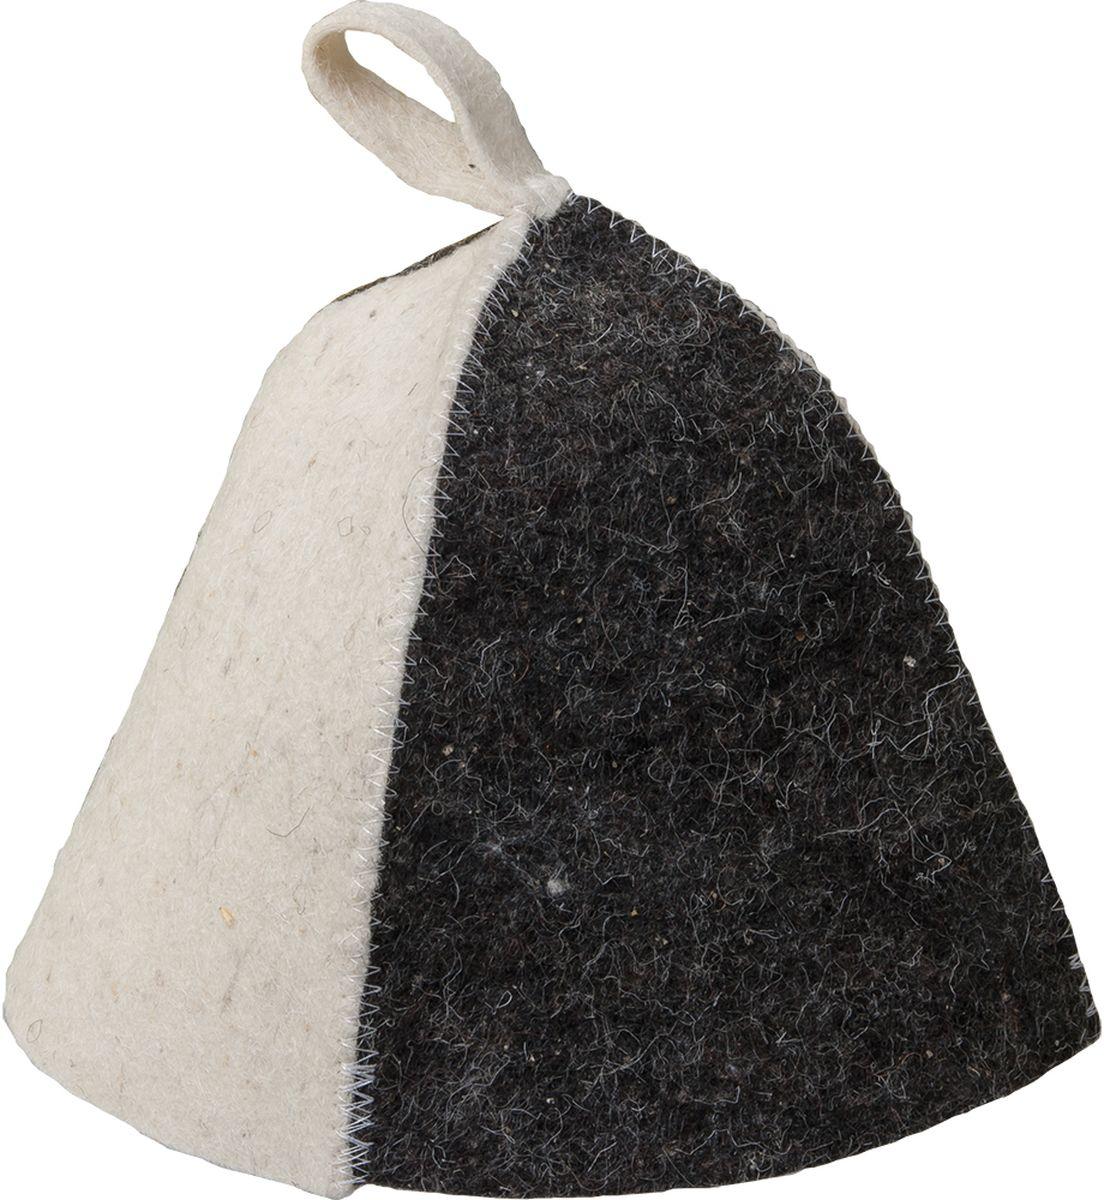 Шапка для бани и сауны Hot Pot Комби42012Шапка для бани и сауны Hot Pot — это необходимый аксессуар при посещении парной. Такая шапка защитит от головокружения и перегрева головы, а также предотвратит ломкость и сухость волос. Изделие замечательно впитывает влагу, хорошо сидит на голове, обеспечивает комфорт и удовольствие от отдыха в парилке. Незаменима в традиционной русской бане, также используется в финских саунах, где температура сухого воздуха может достигать 100°С. Шапка выполнена в классическом дизайне и дополнена петлей для подвешивания на крючок.